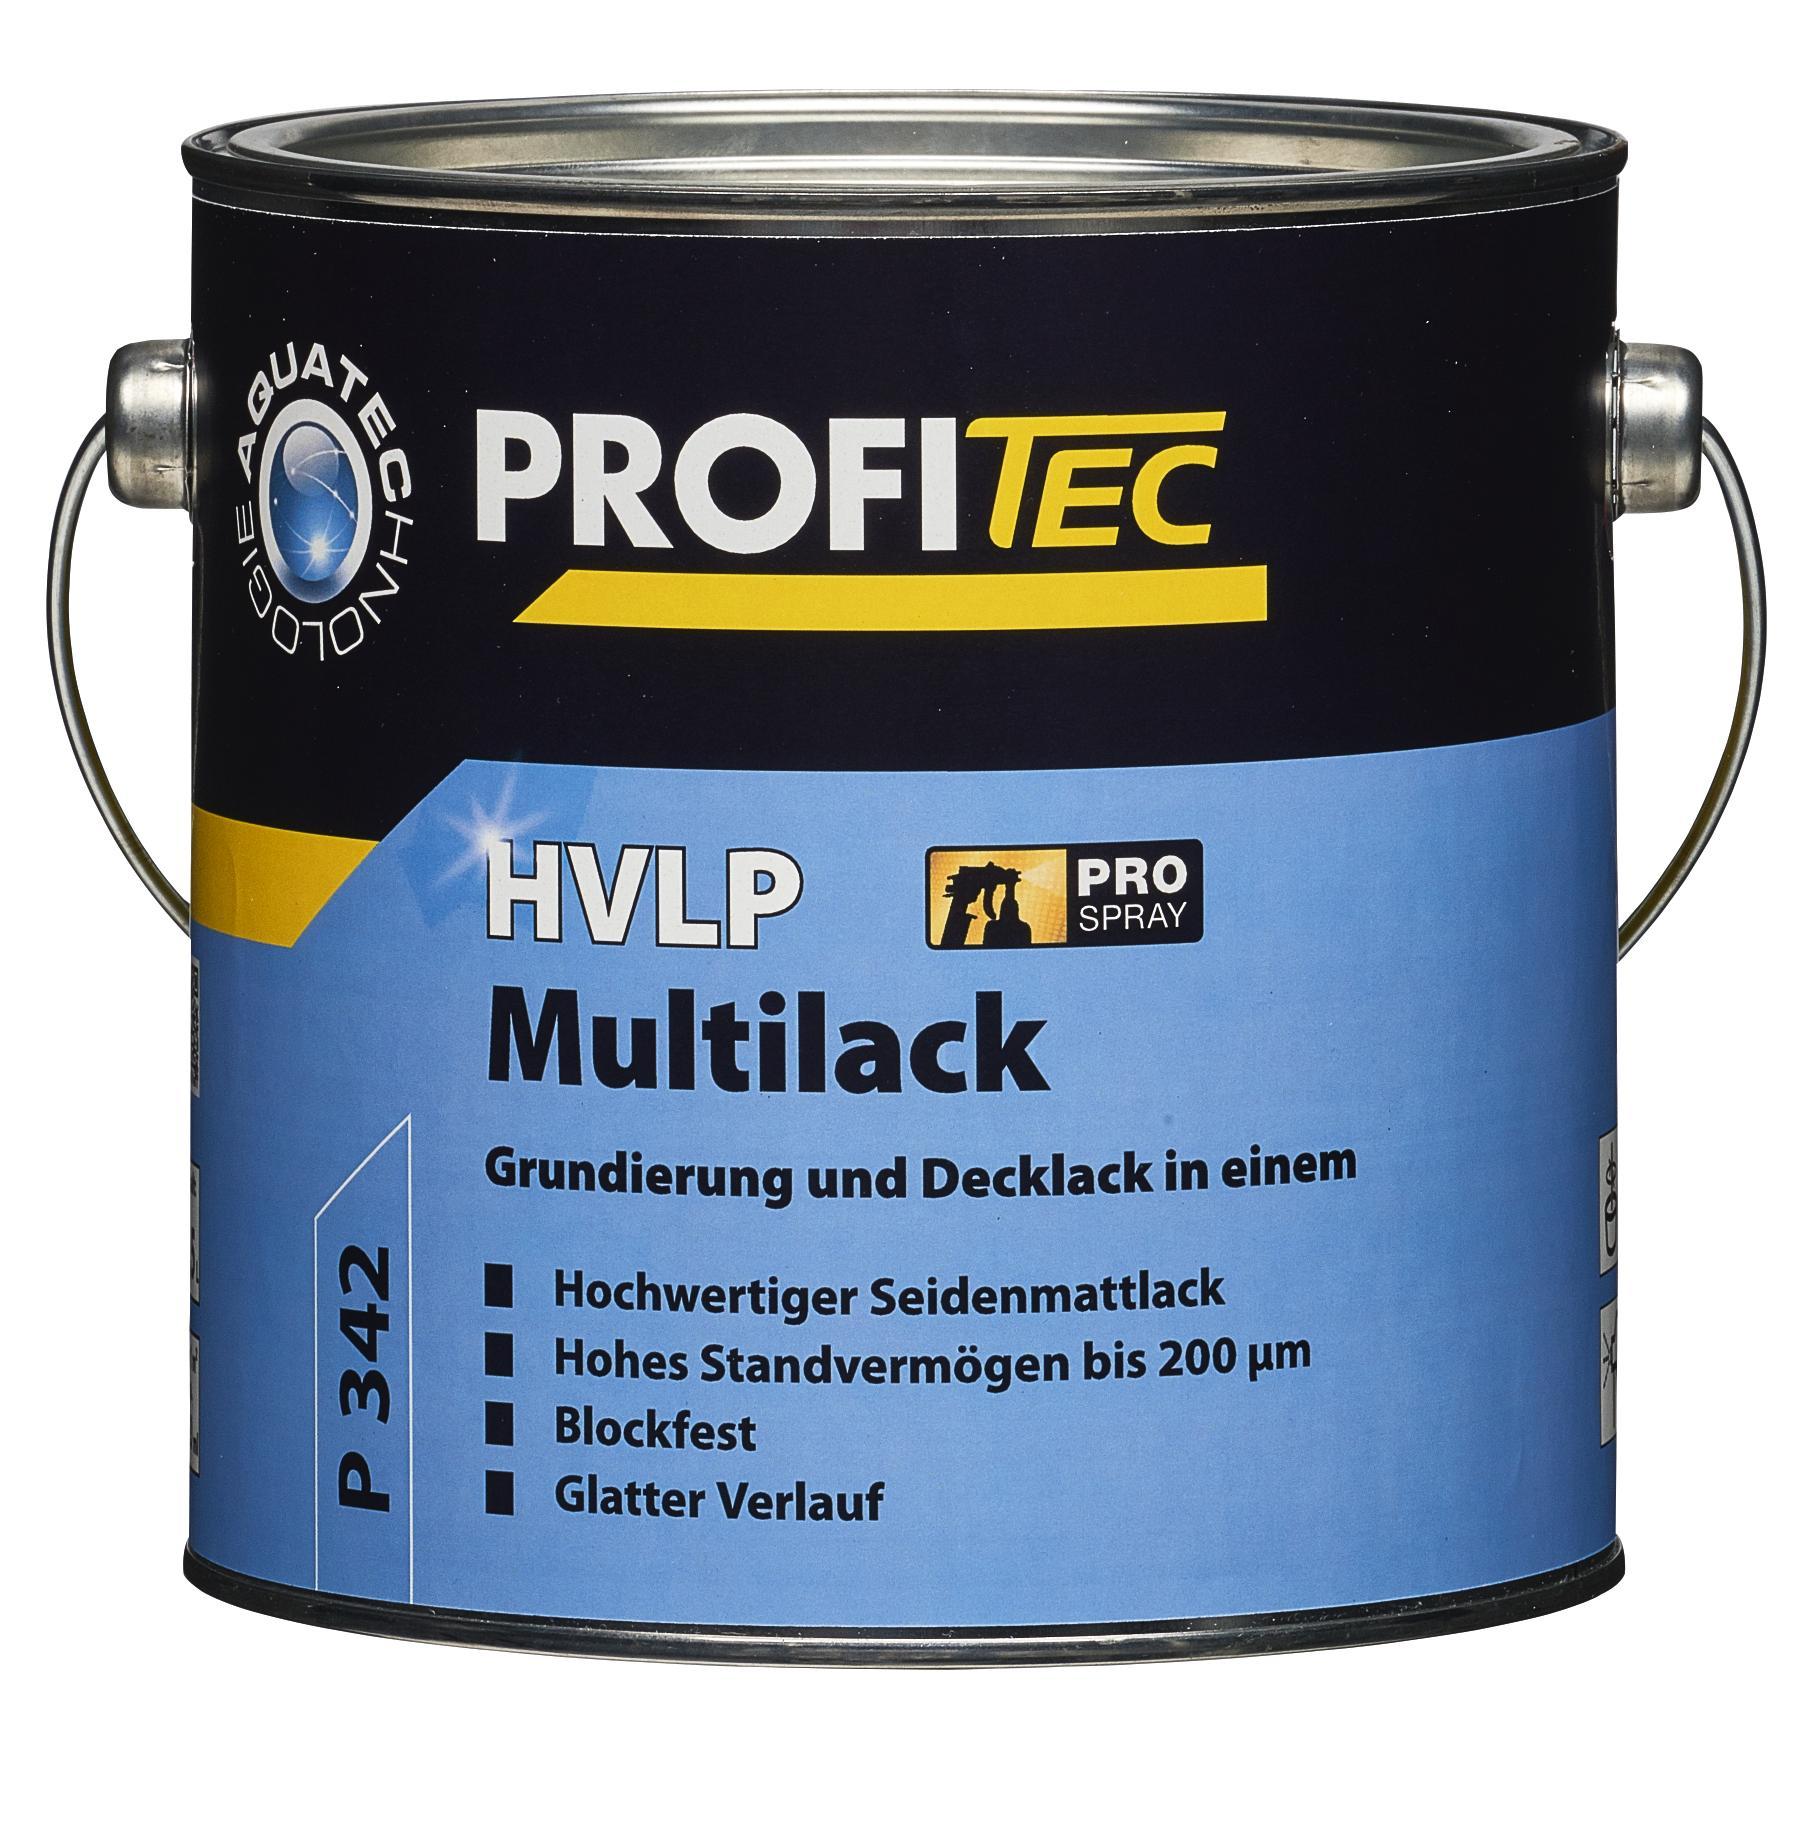 PROFITEC P 342 HVLP Multilack weiß 2,5L - Grundierung und Decklack, spritzfertig -